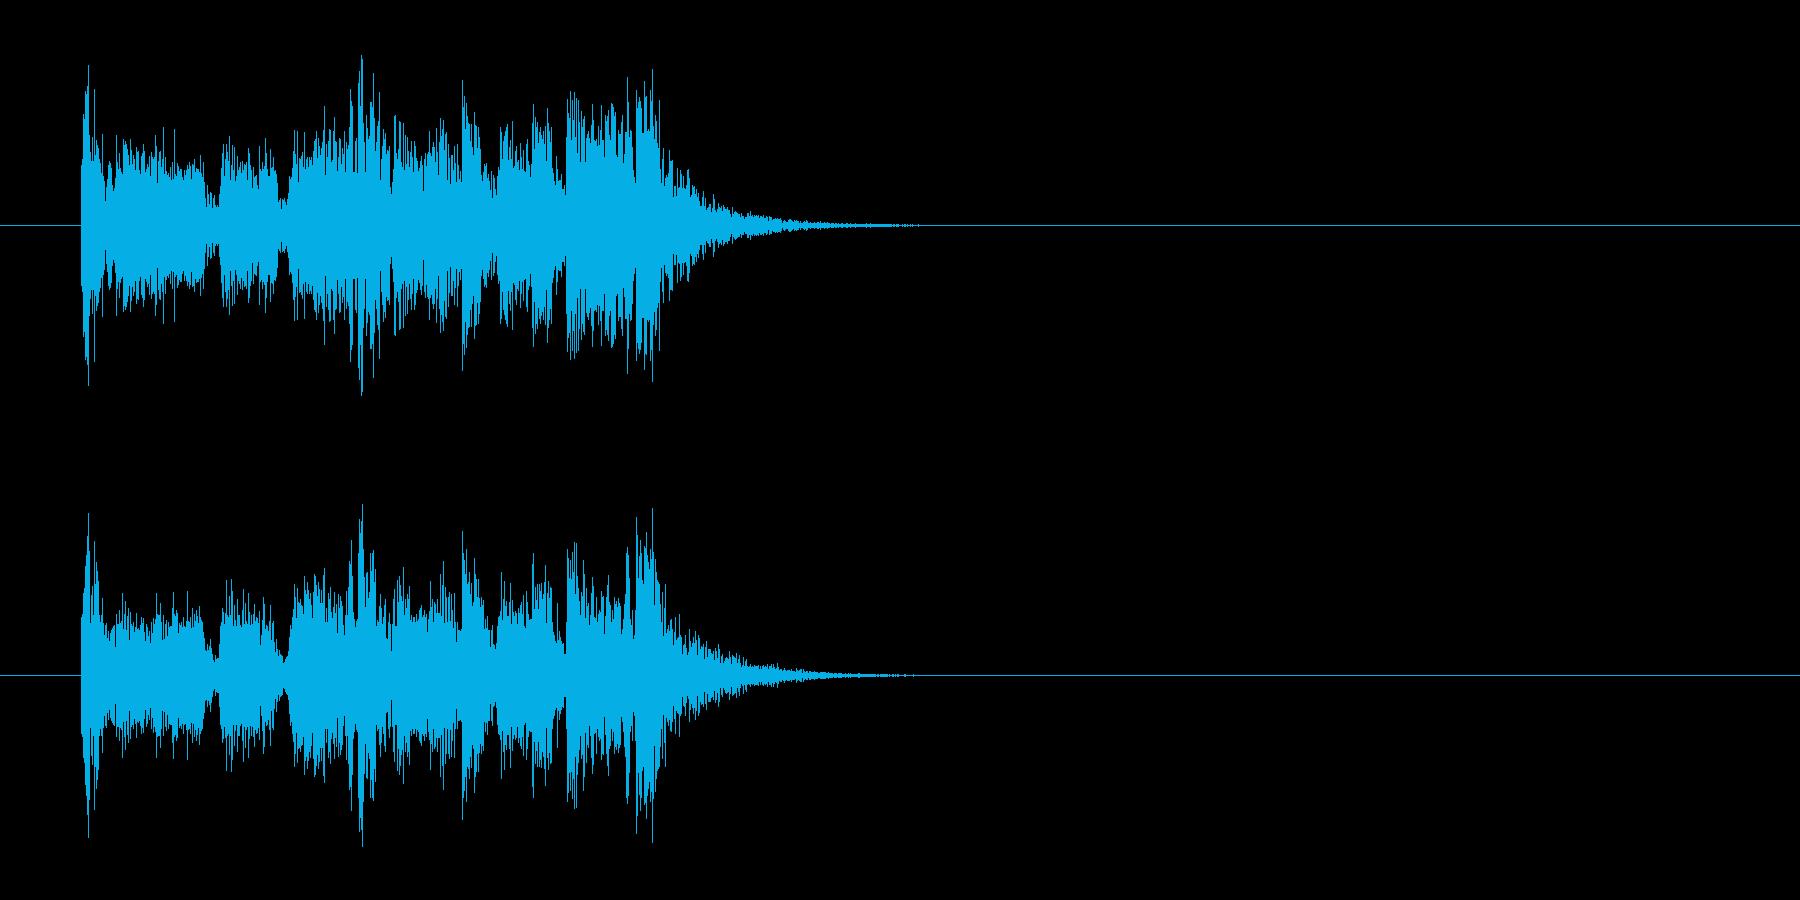 ジングル/追跡、スポーツ(ロック)の再生済みの波形